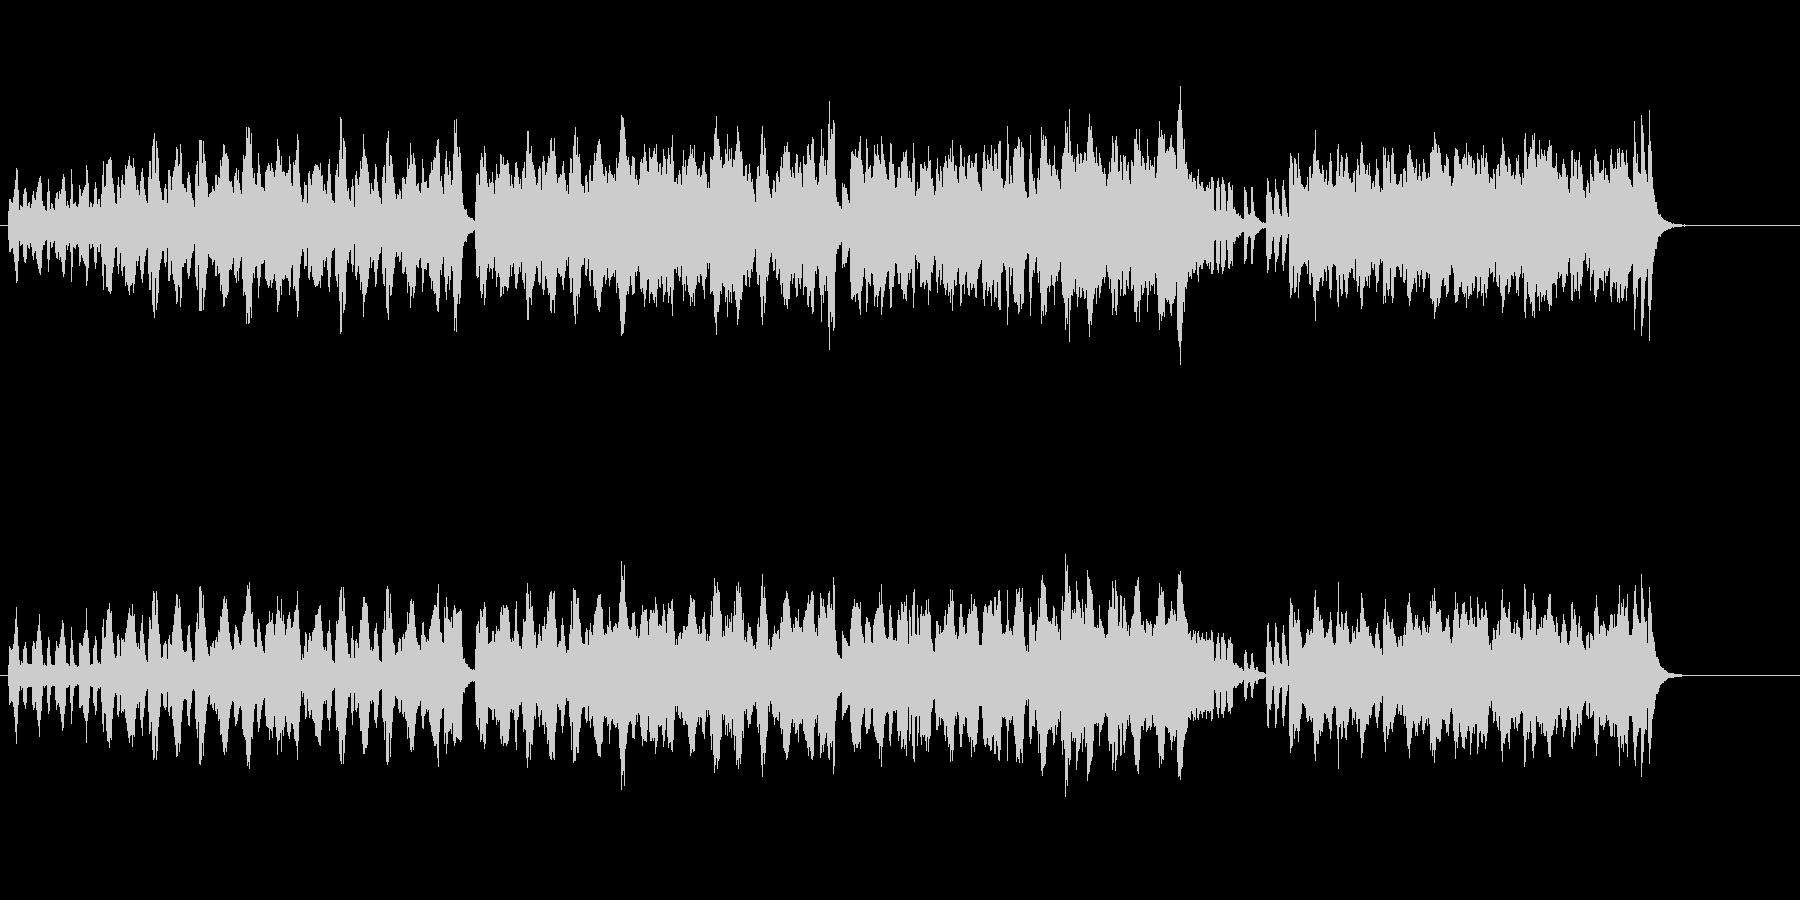 チャイルド・ミュージックの未再生の波形